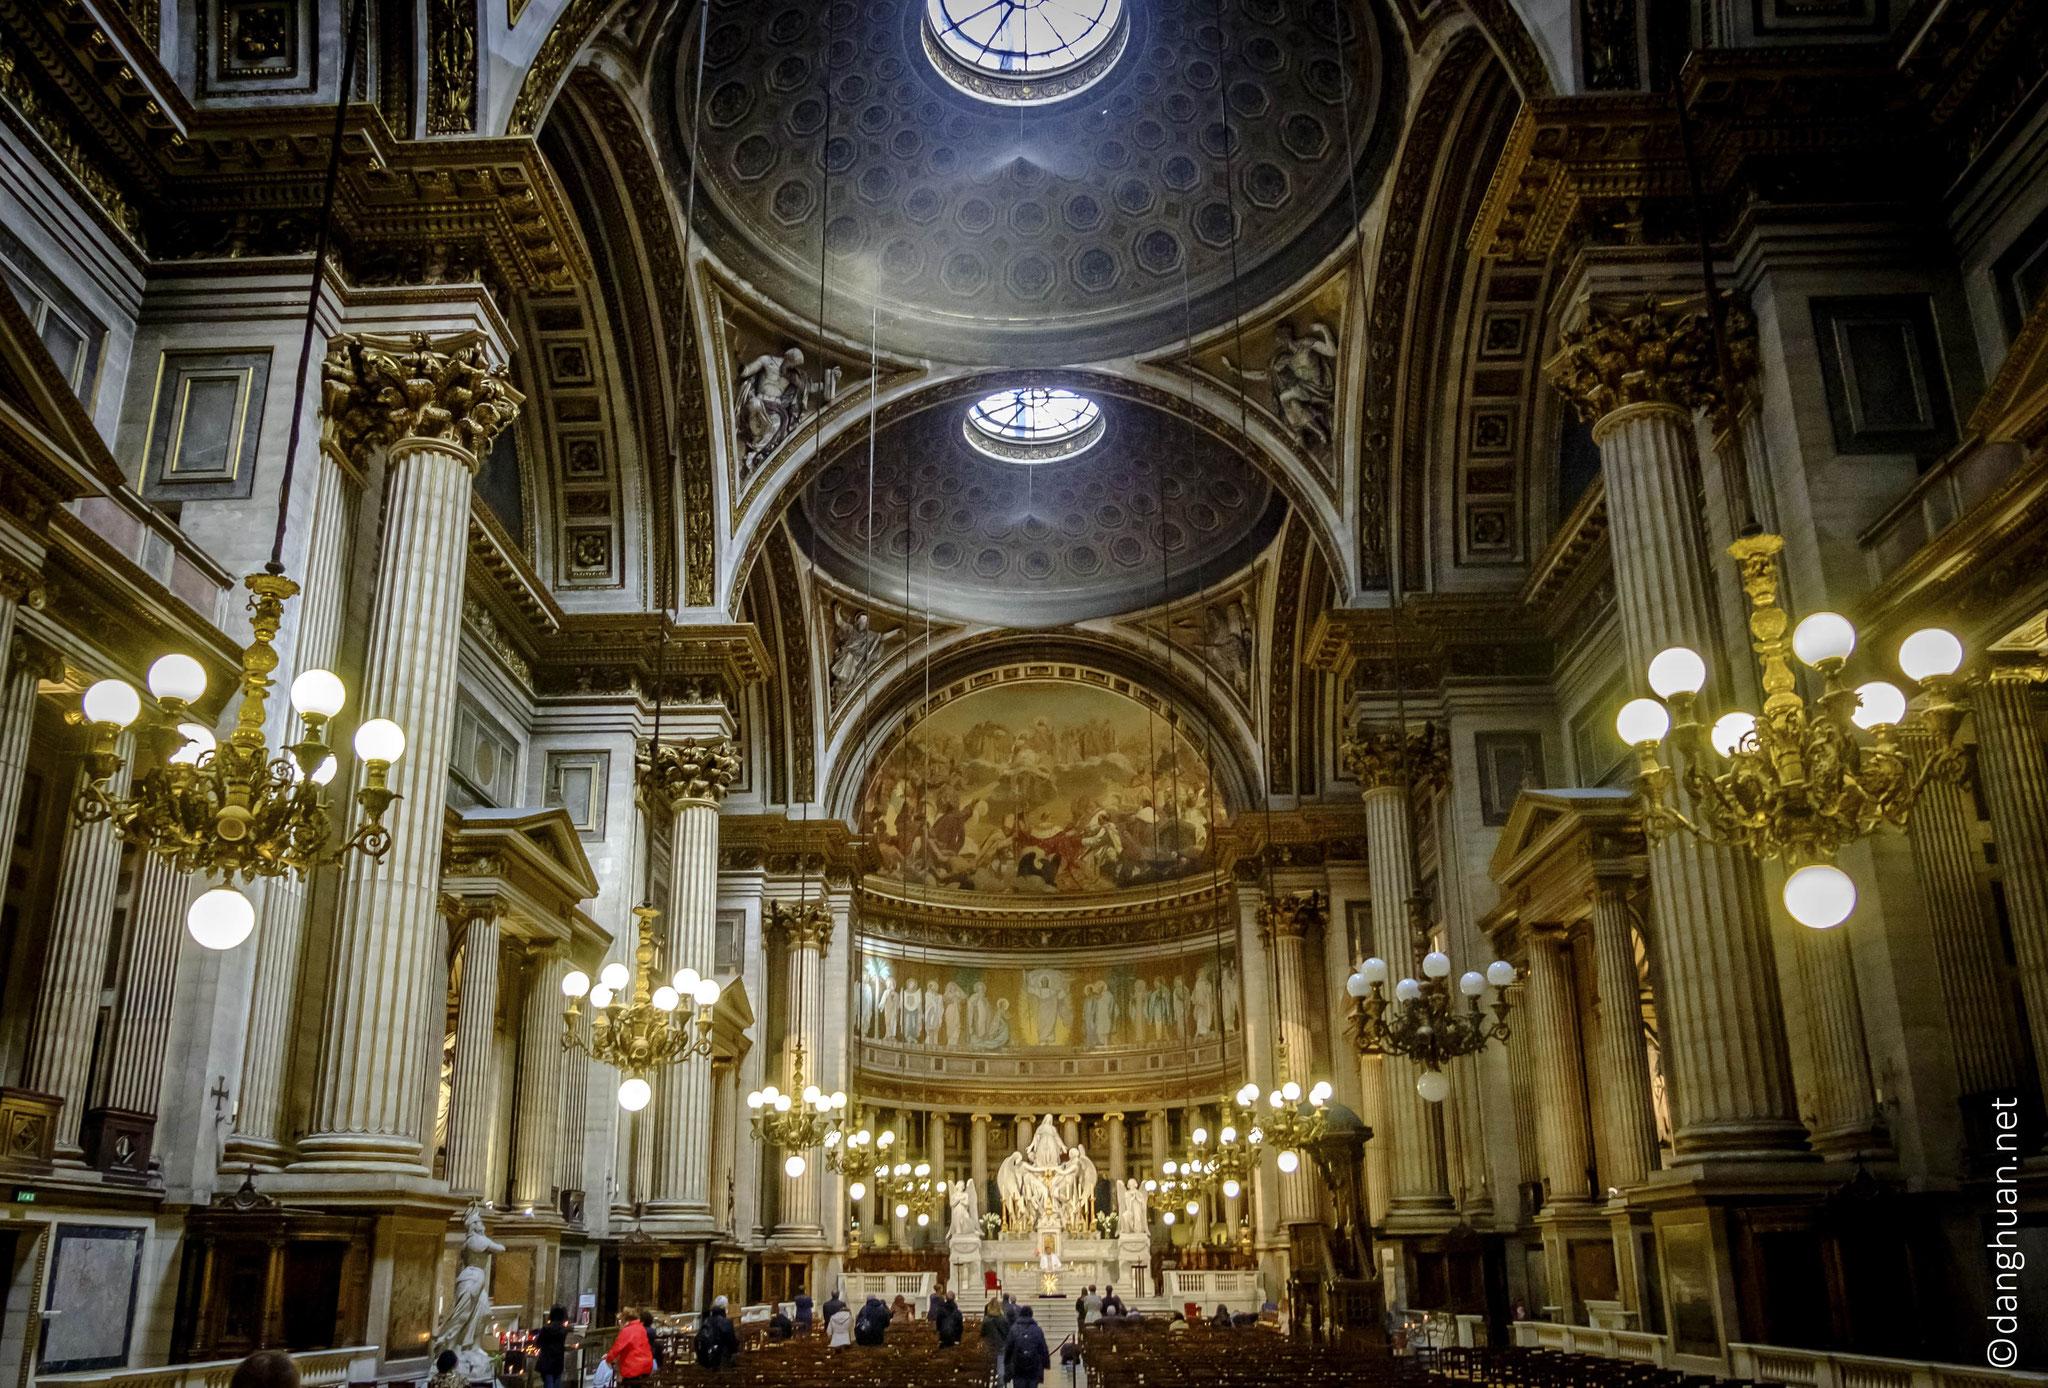 Eglise de la Madeleine - du style architectural néoclassique avec son portique octostyle